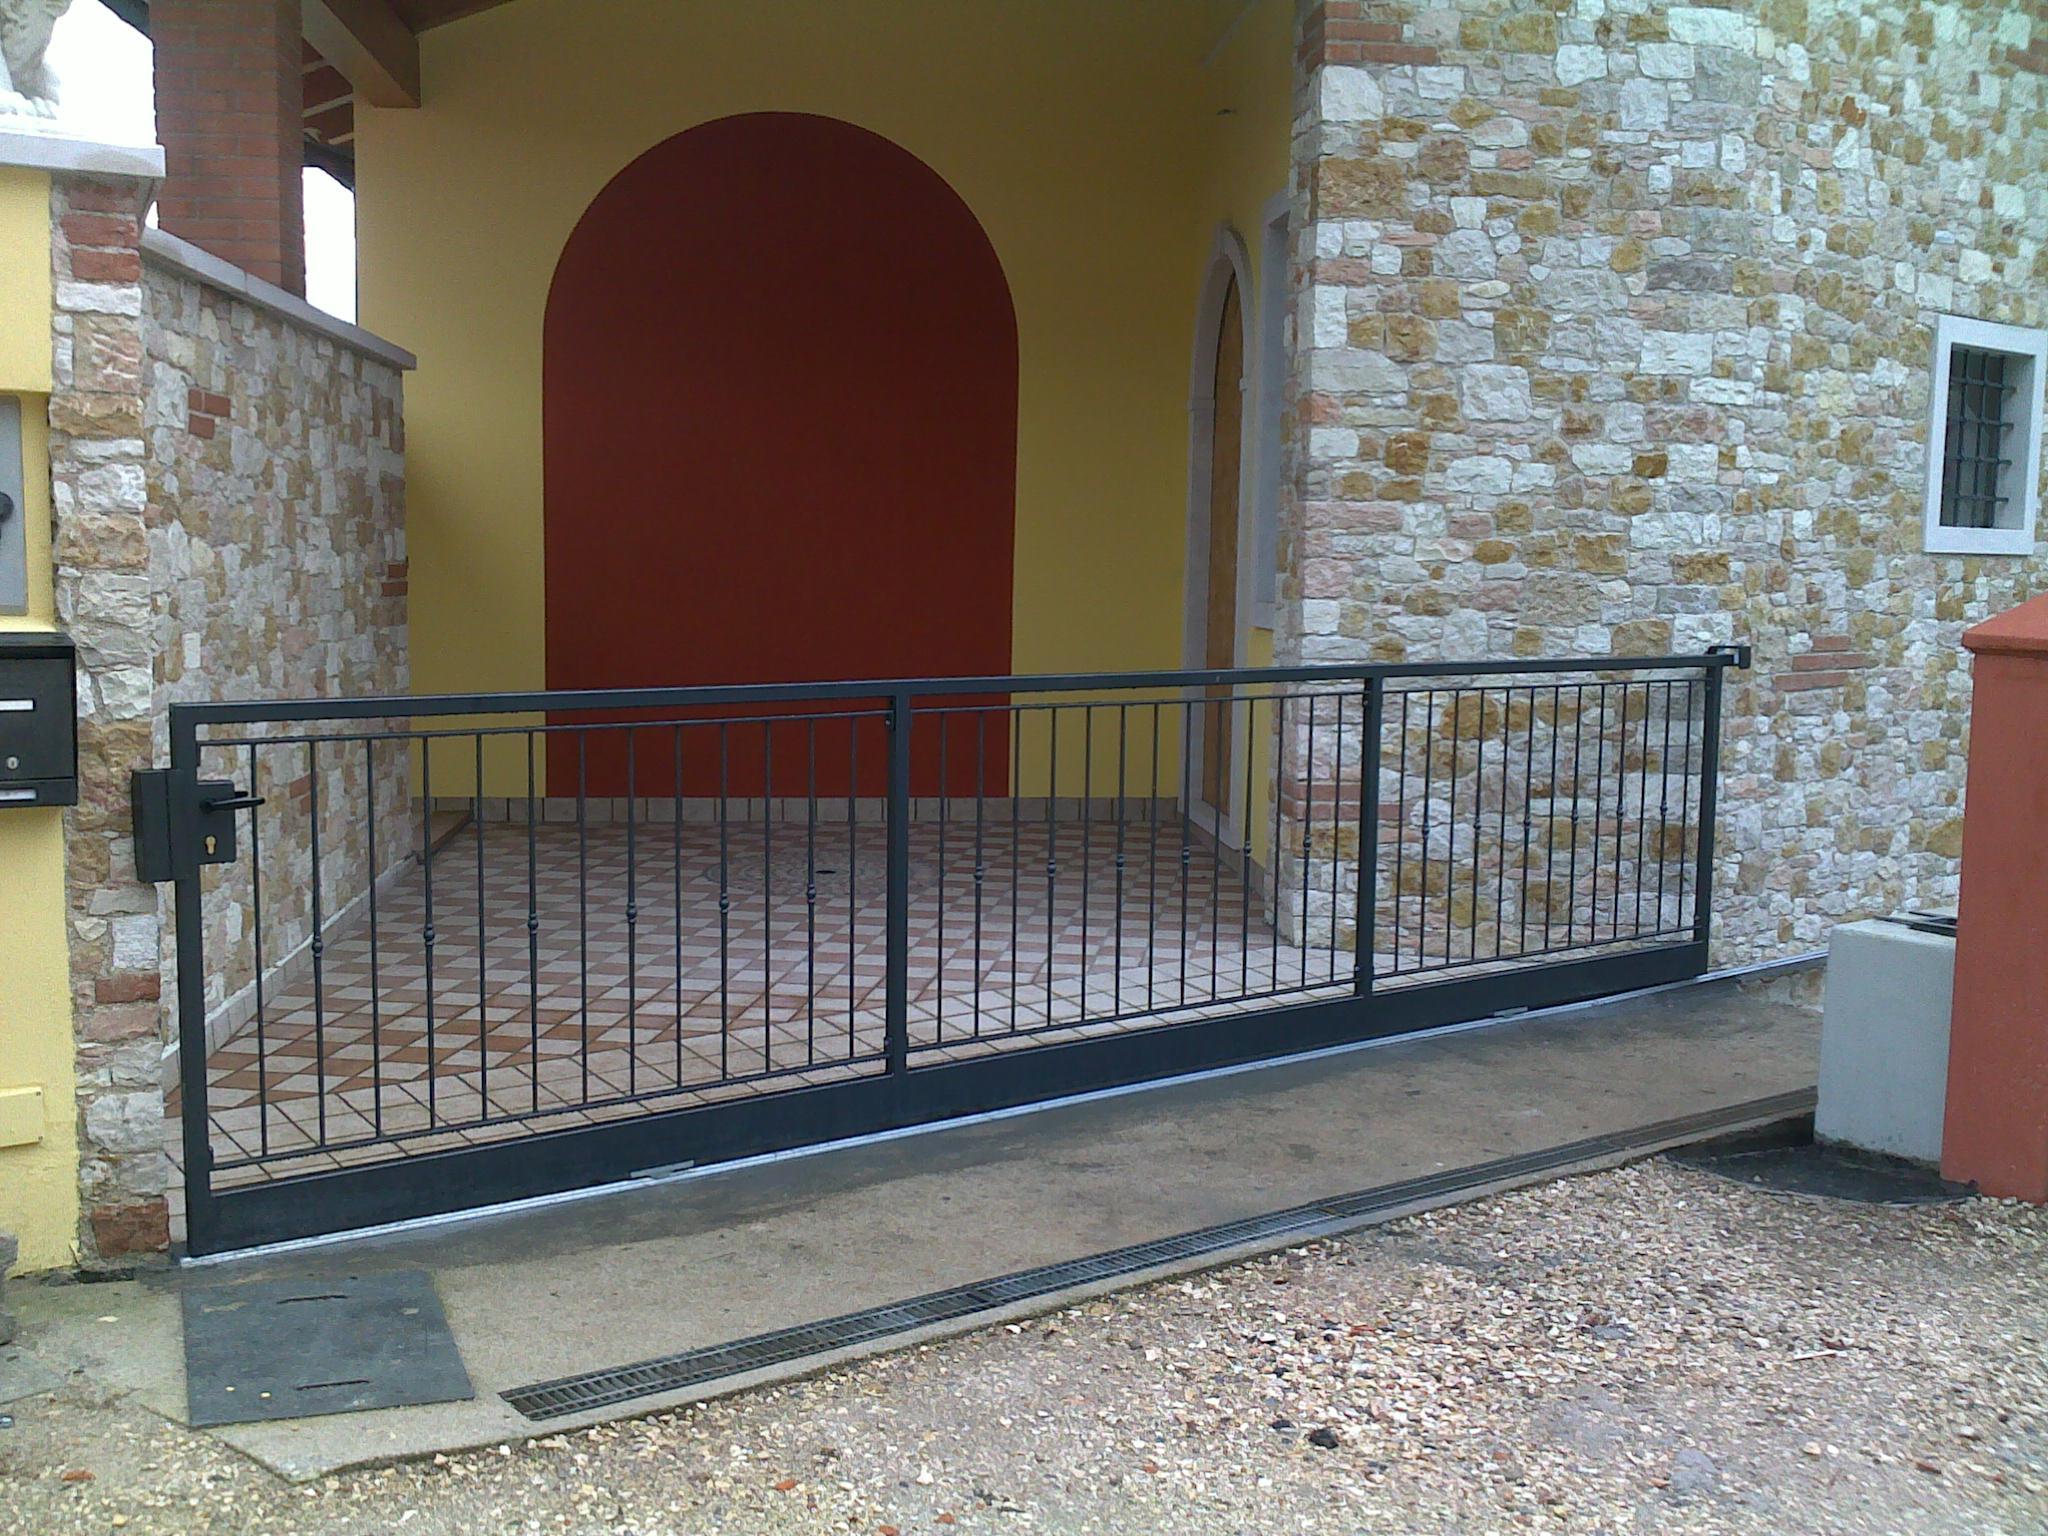 Foto di cancelli in ferro per recinzioni in pietra e marmo for Serie futura cancelli